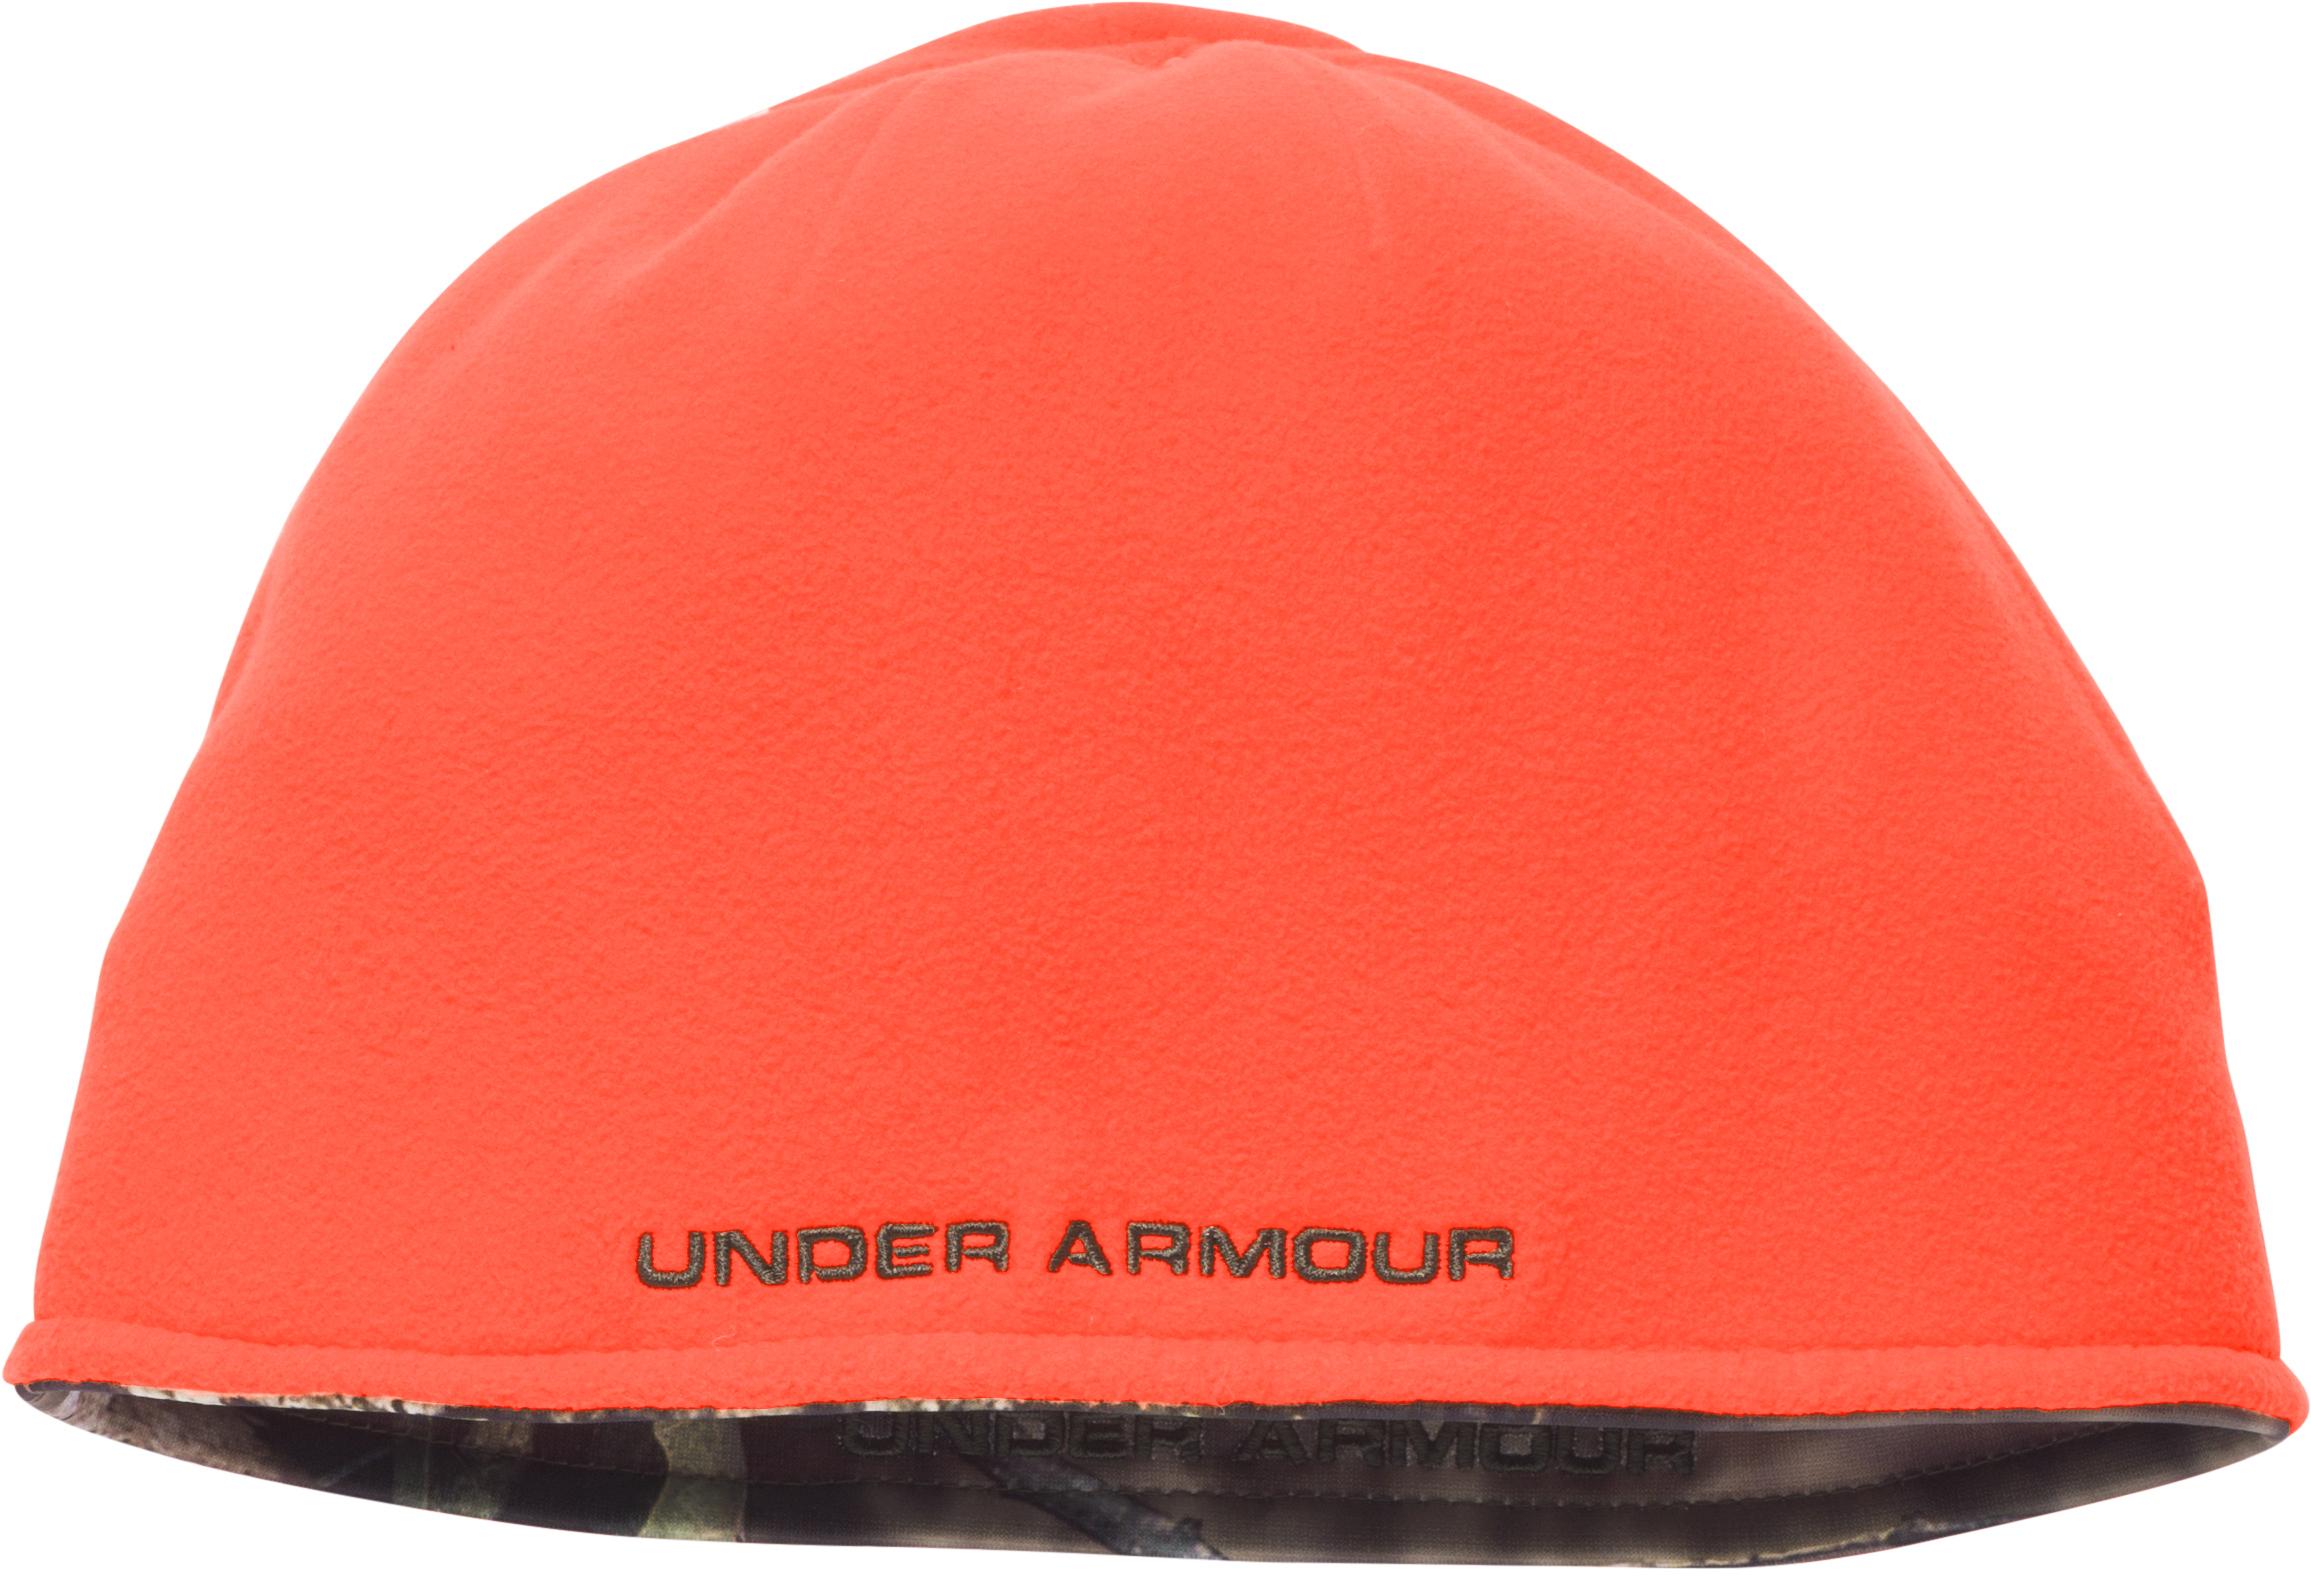 36039e4920ce8 Under Armour Men s Camo Reversible Fleece Beanie Cap - Country Outfitter